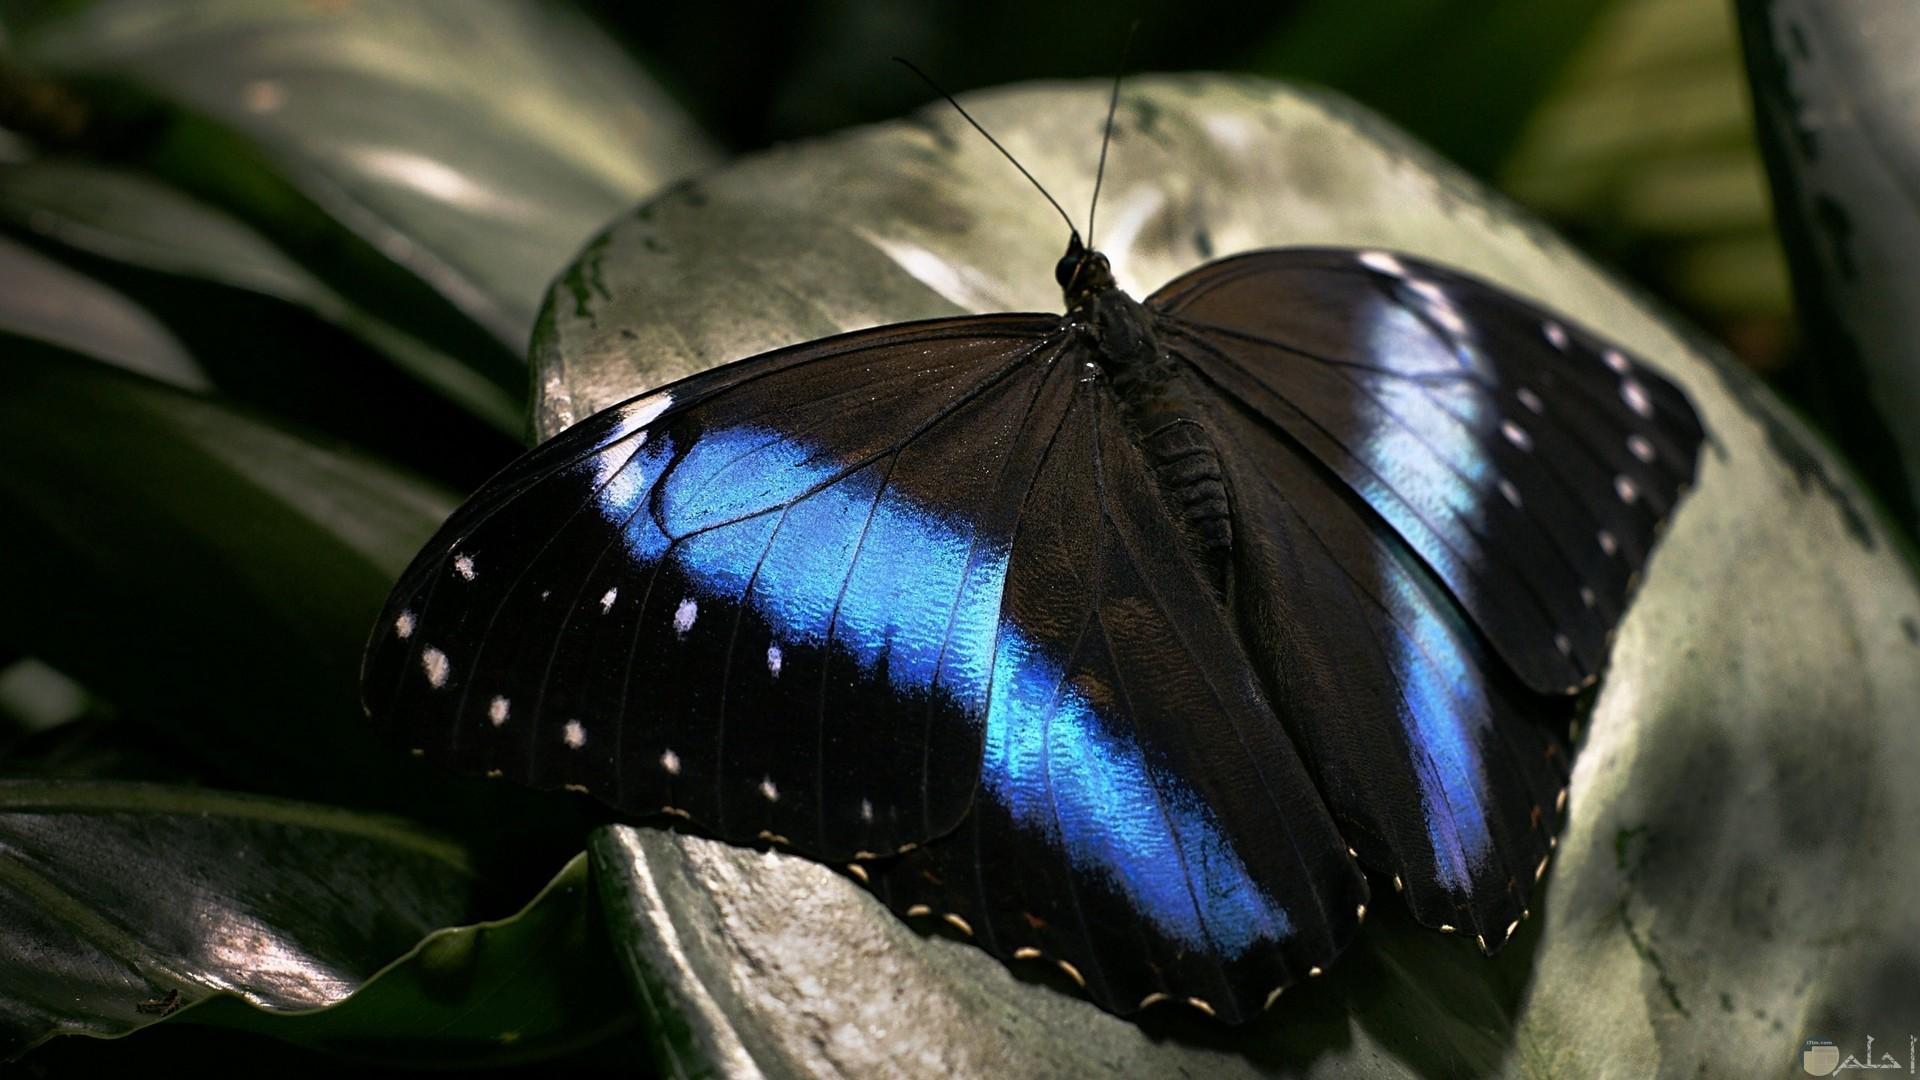 خلفية فراشة باللون الأسود والأزرق